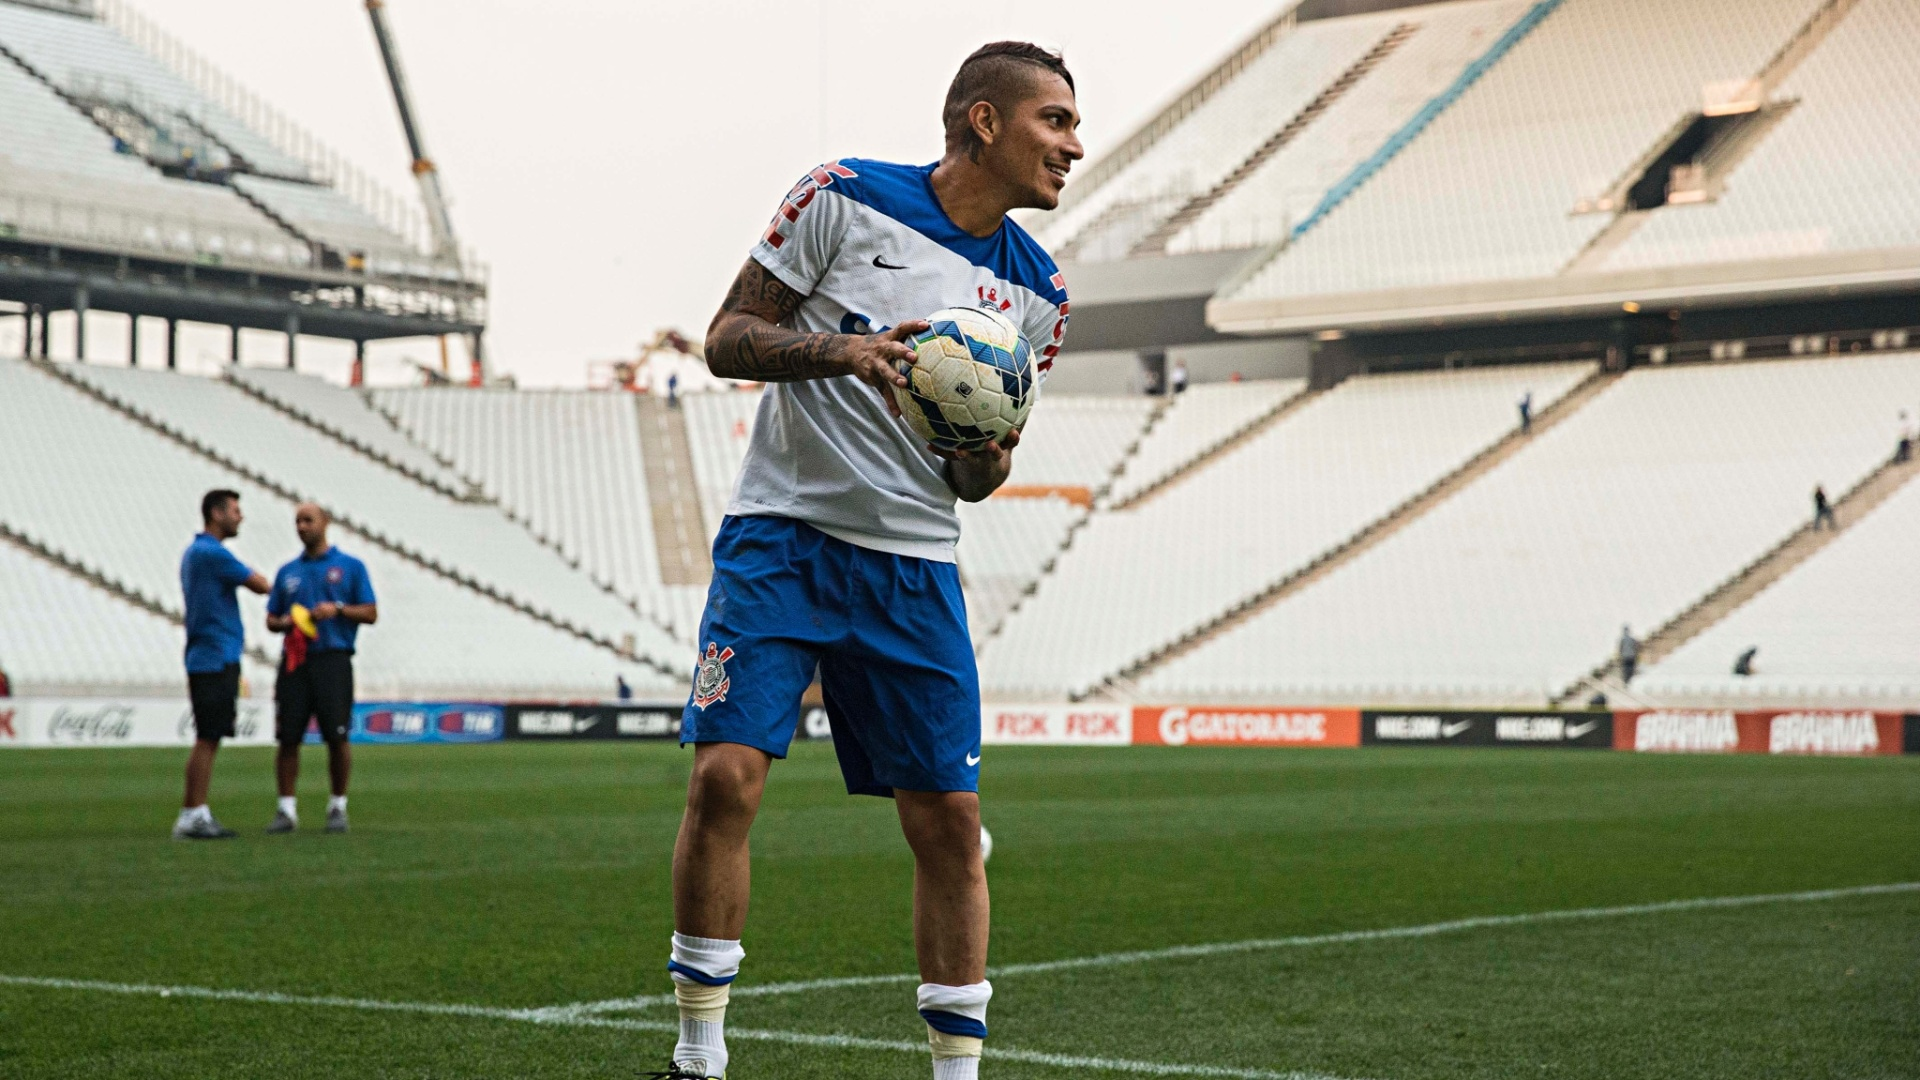 Peruano Paolo Guerreiro brinca com a bola antes de treino do Corinthians no Itaquerão